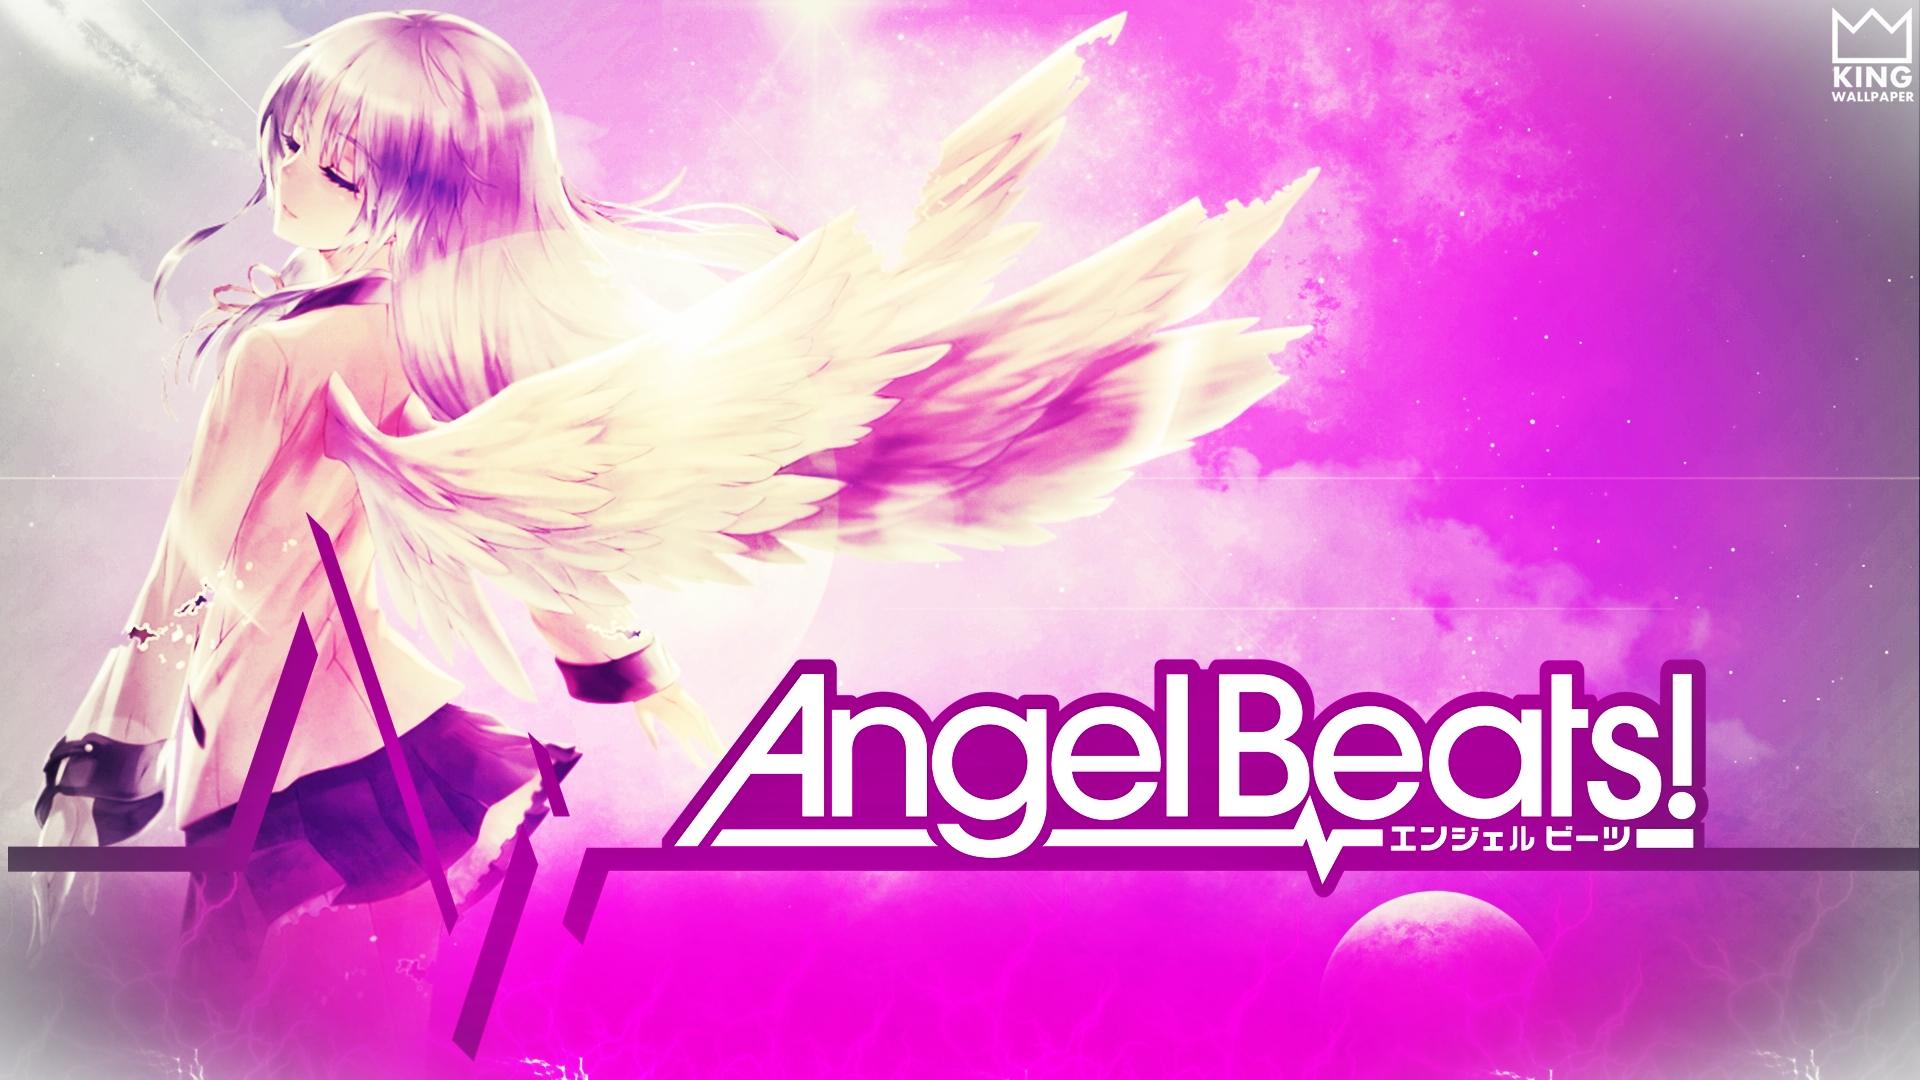 angel beats wallpaper sss - photo #12